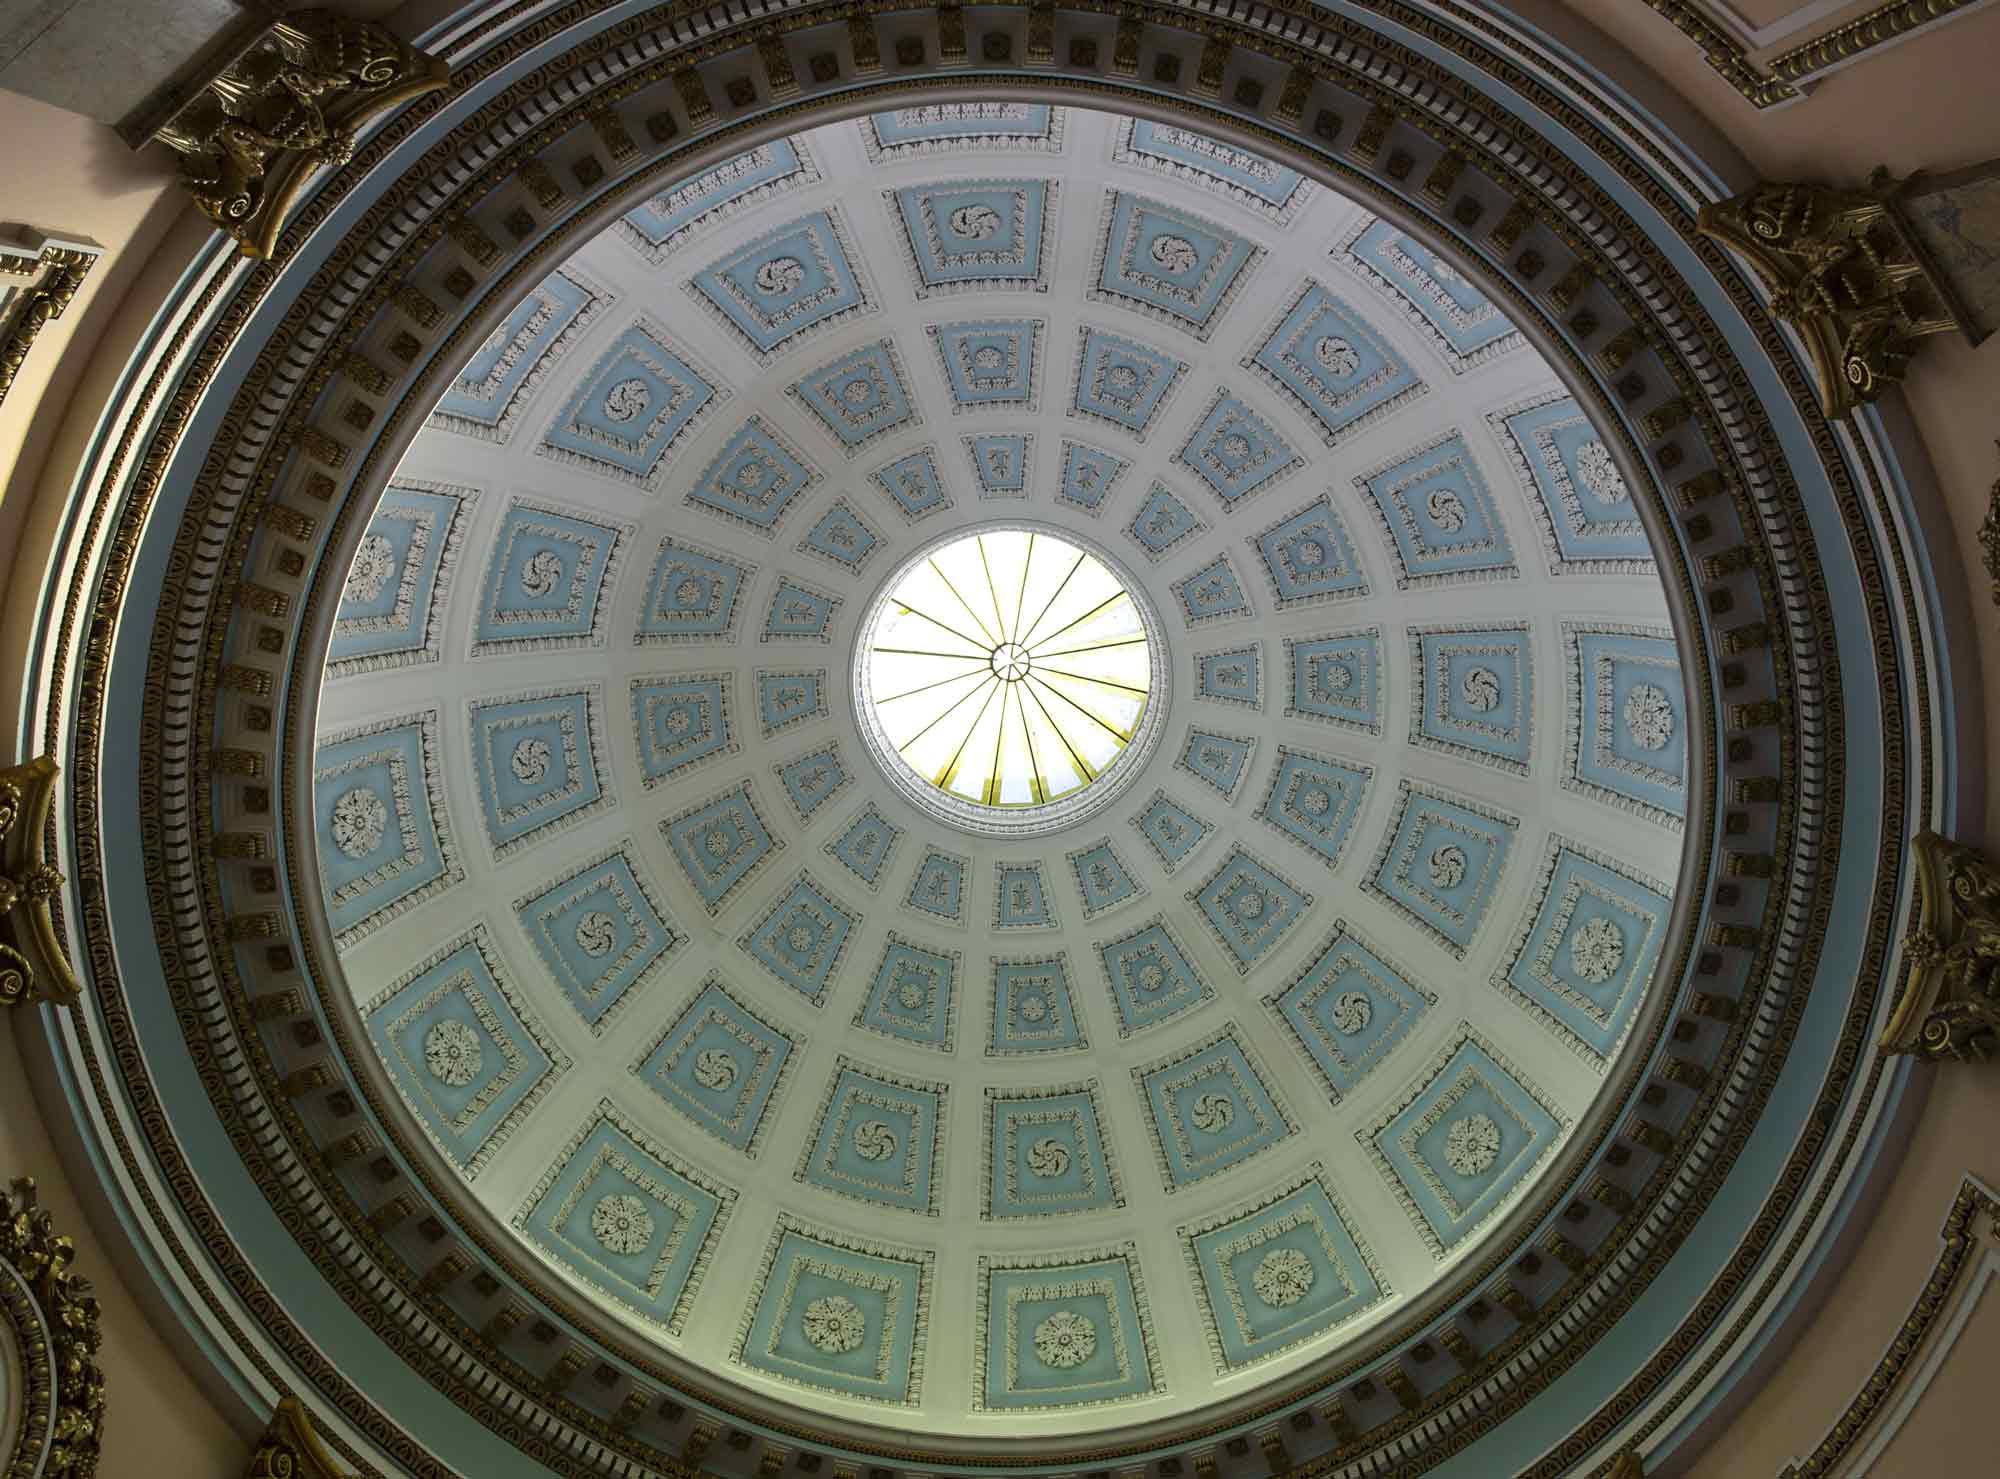 Interior of the rotunda dome